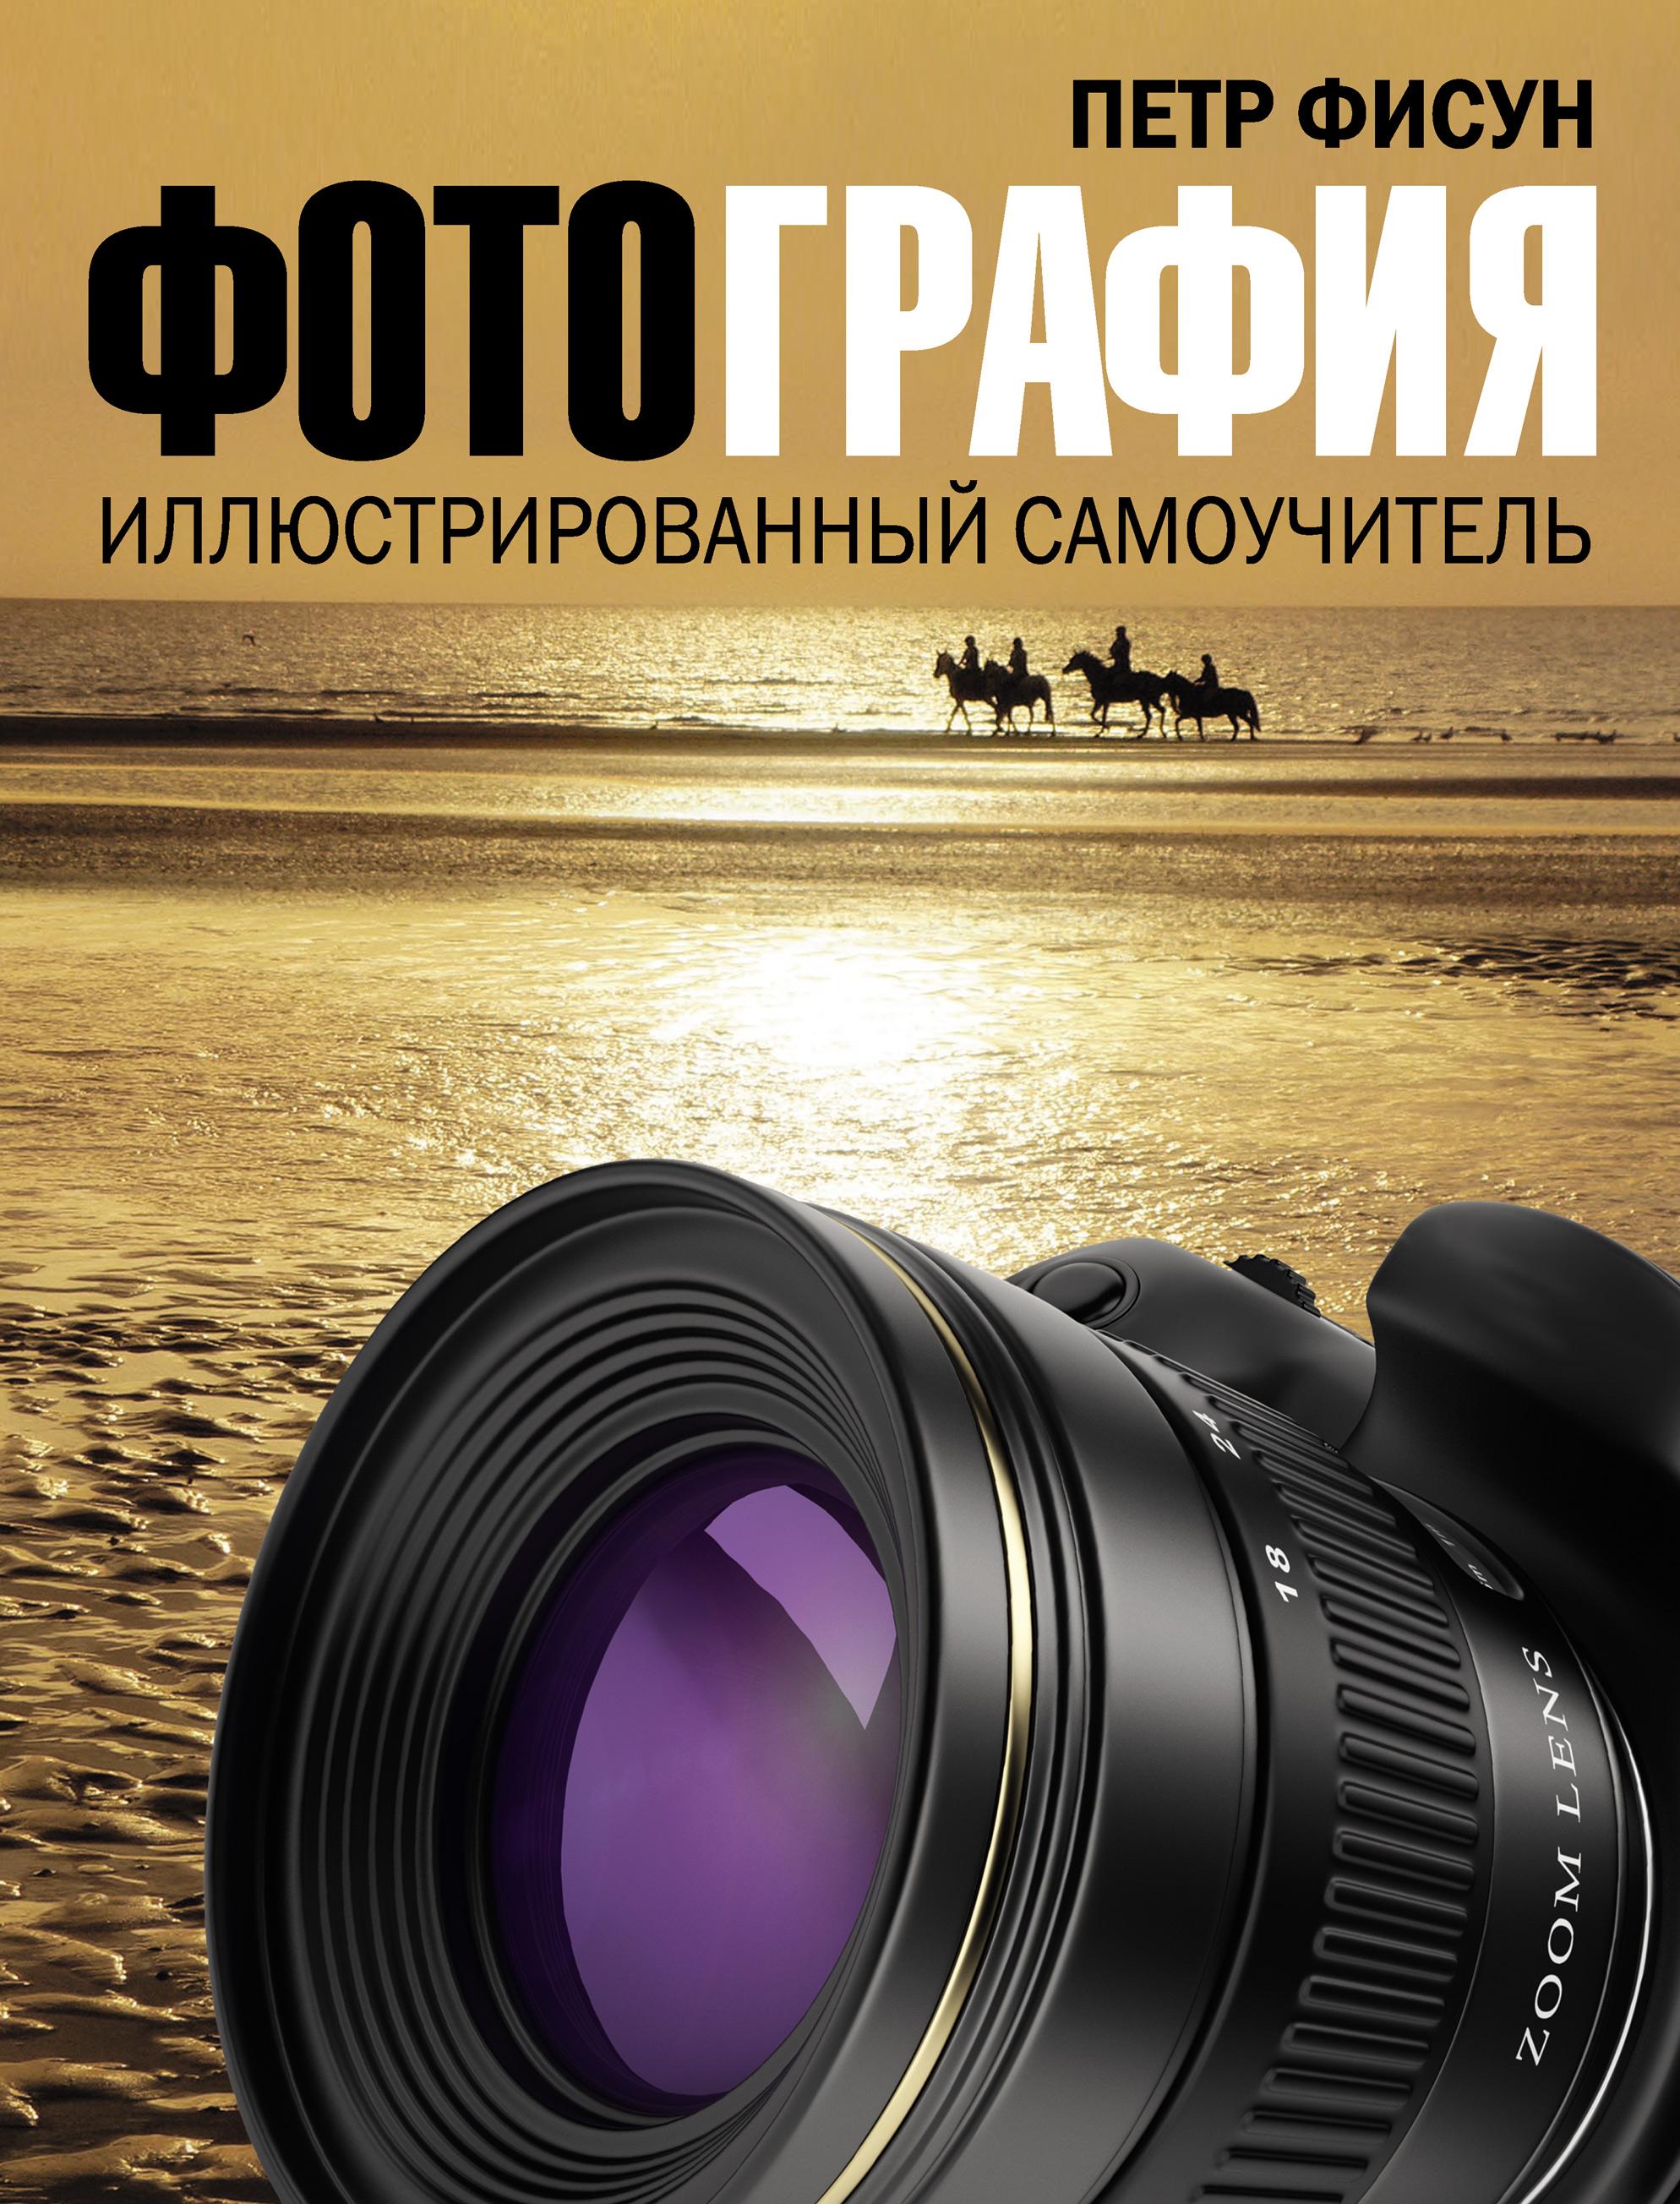 Петр Фисун Фотография. Иллюстрированный самоучитель цены онлайн